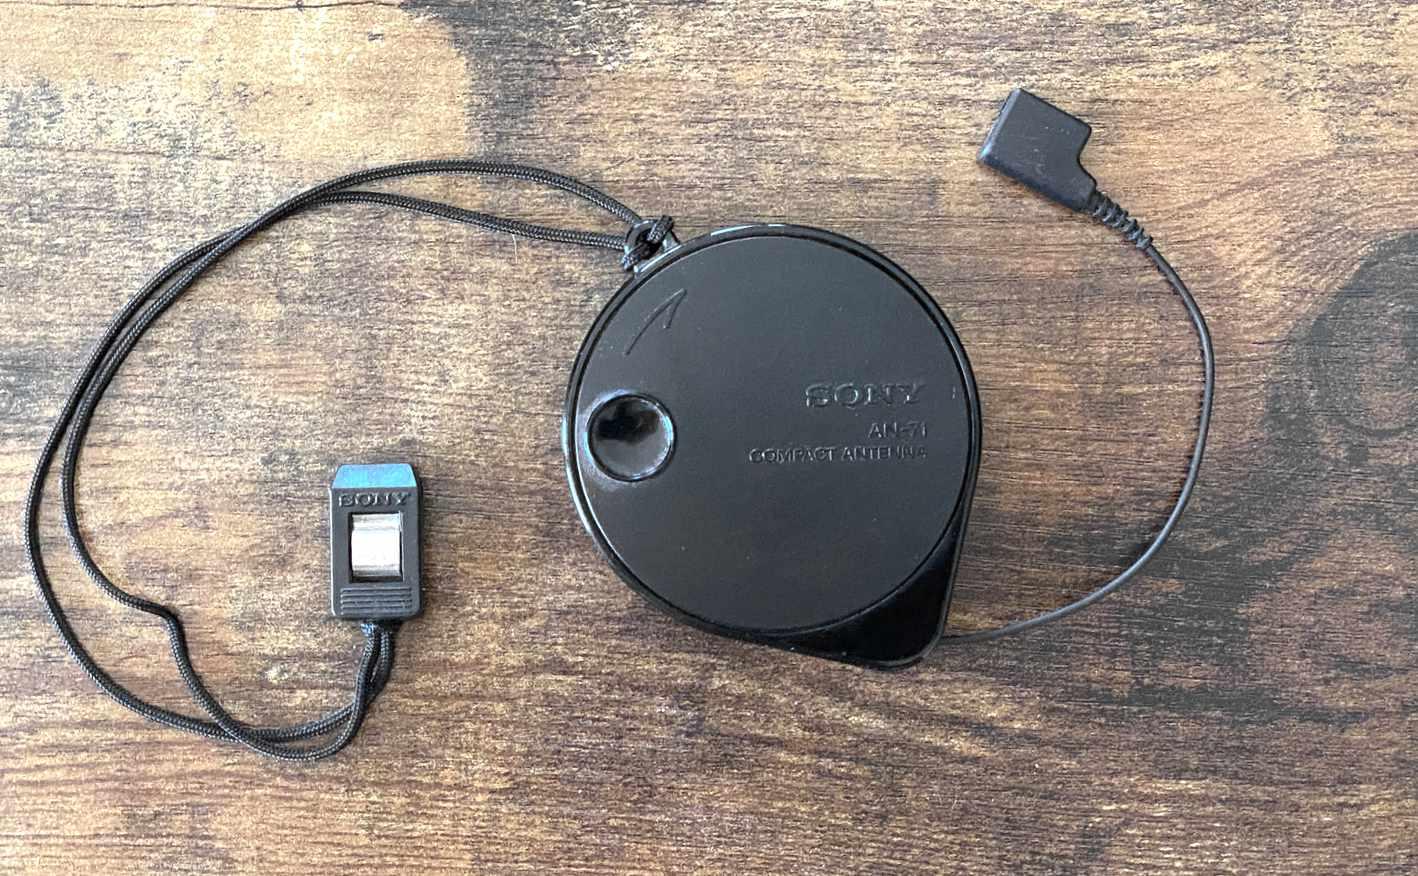 portable shortwave radio antenna